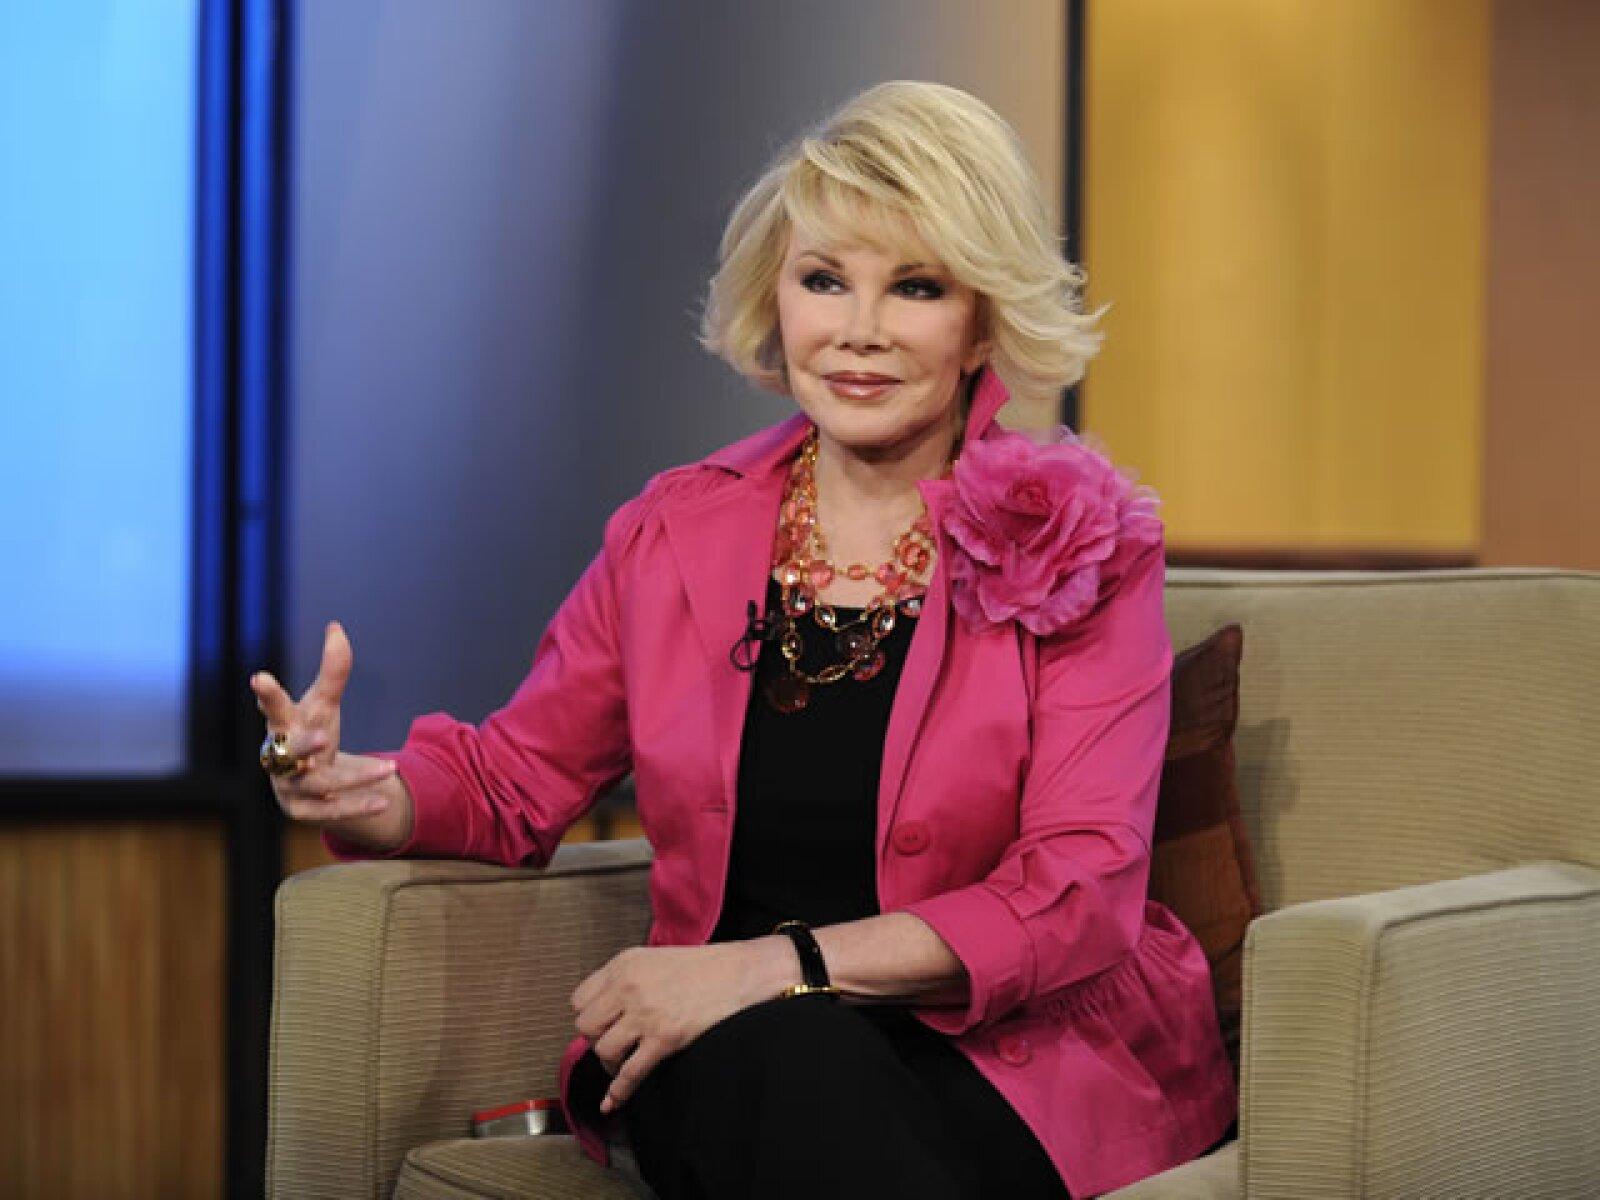 2010. Joan siempre ha sido sarcástica al hablar de su edad y es que en varias ocasiones ha comentado que detesta la vejez.